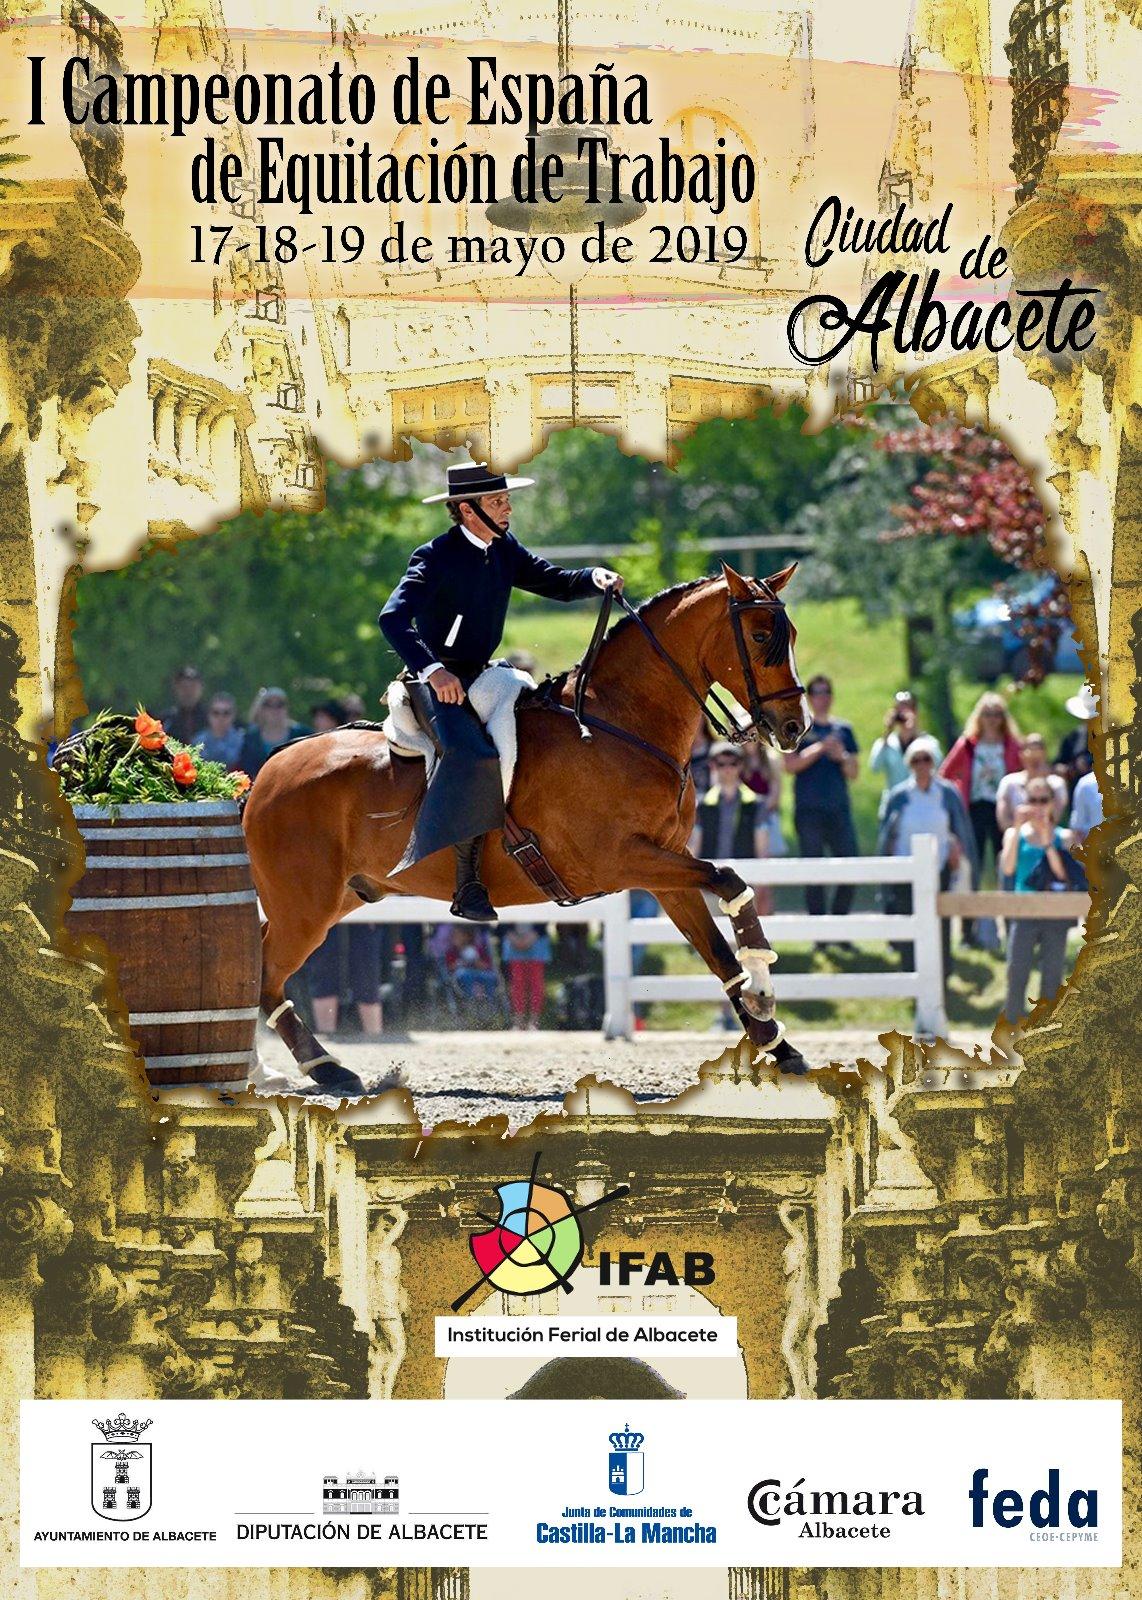 I Campeonato de España de Equitación de Trabajo